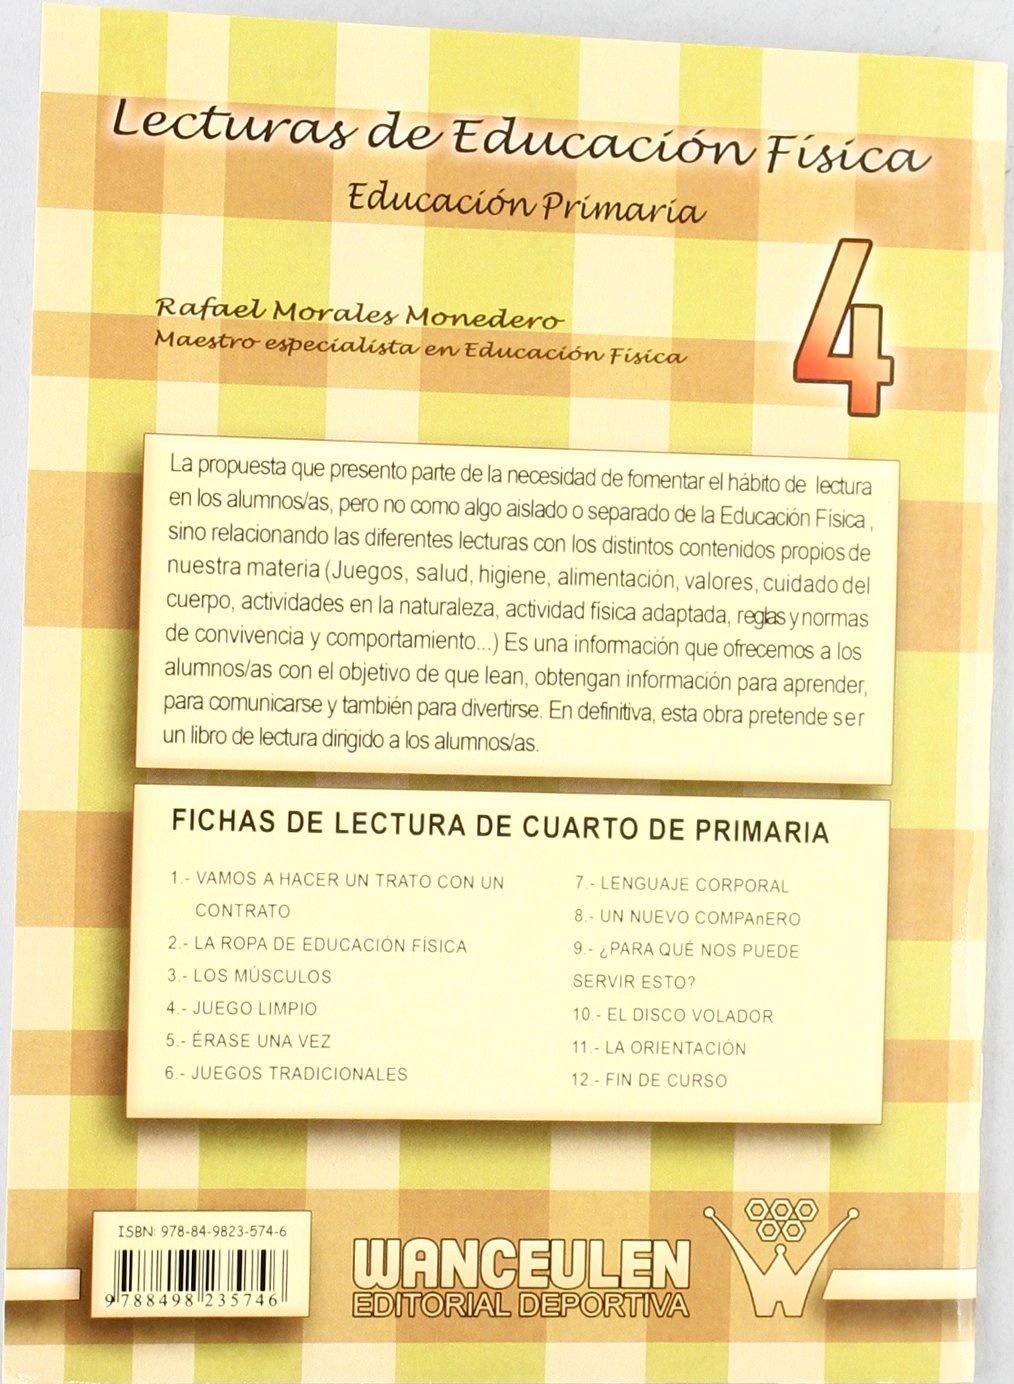 Lecturas de Educación Física. Fichas de 4º de Primaria ...